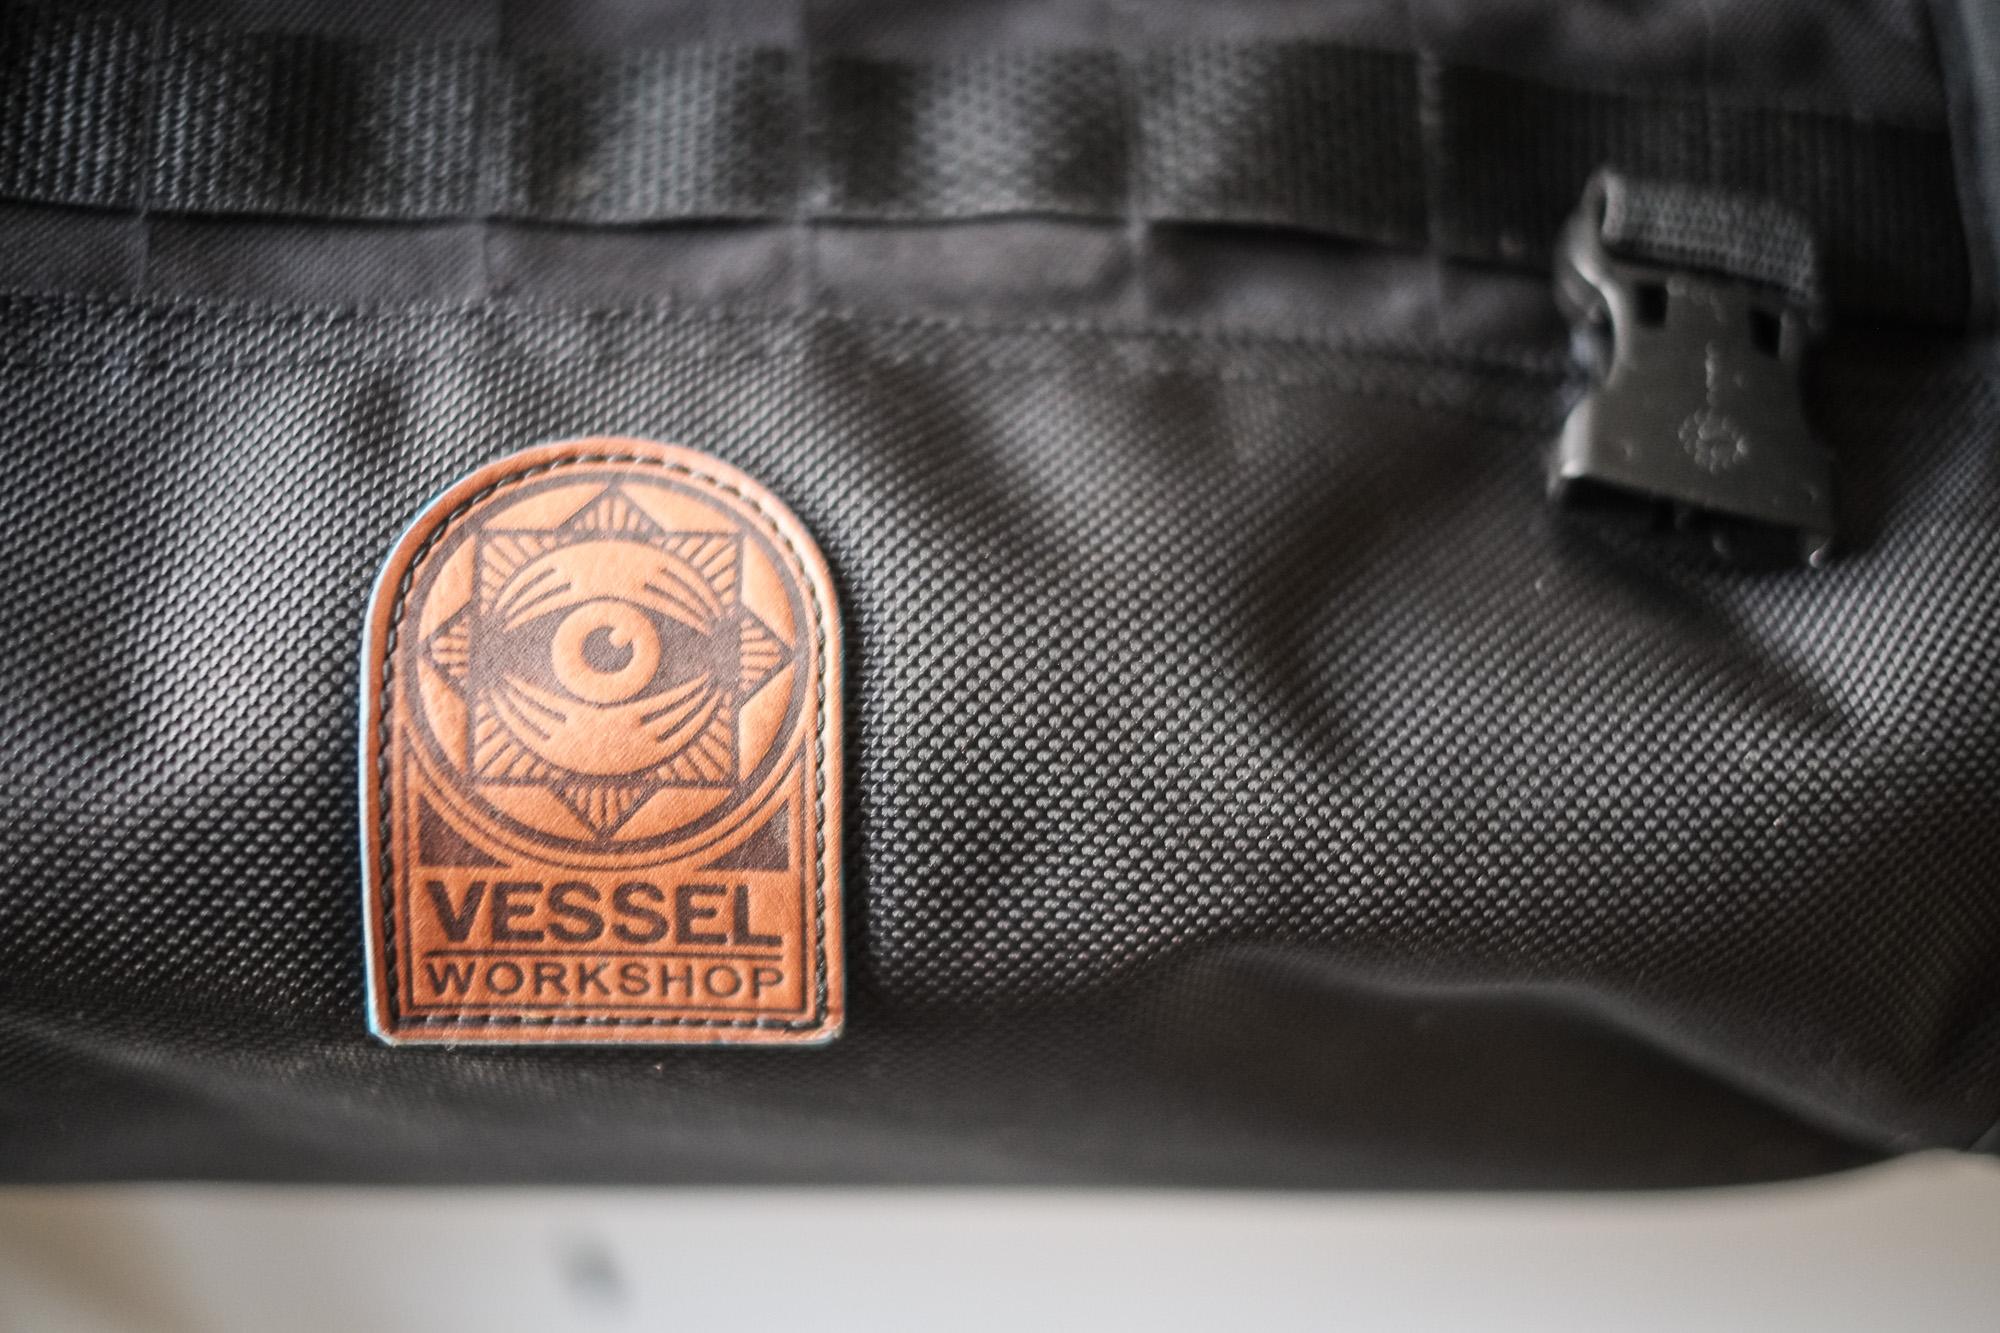 vessel workshop coupon